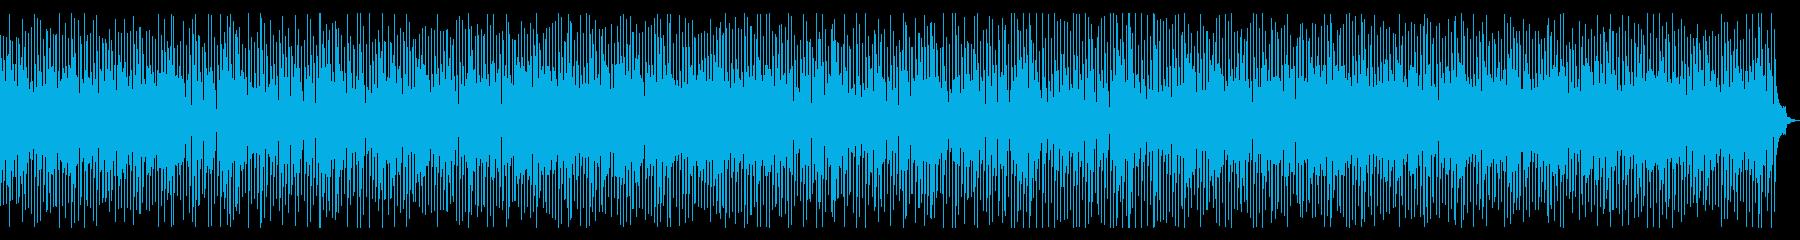 オシャレなカフェのようなジプシージャズの再生済みの波形